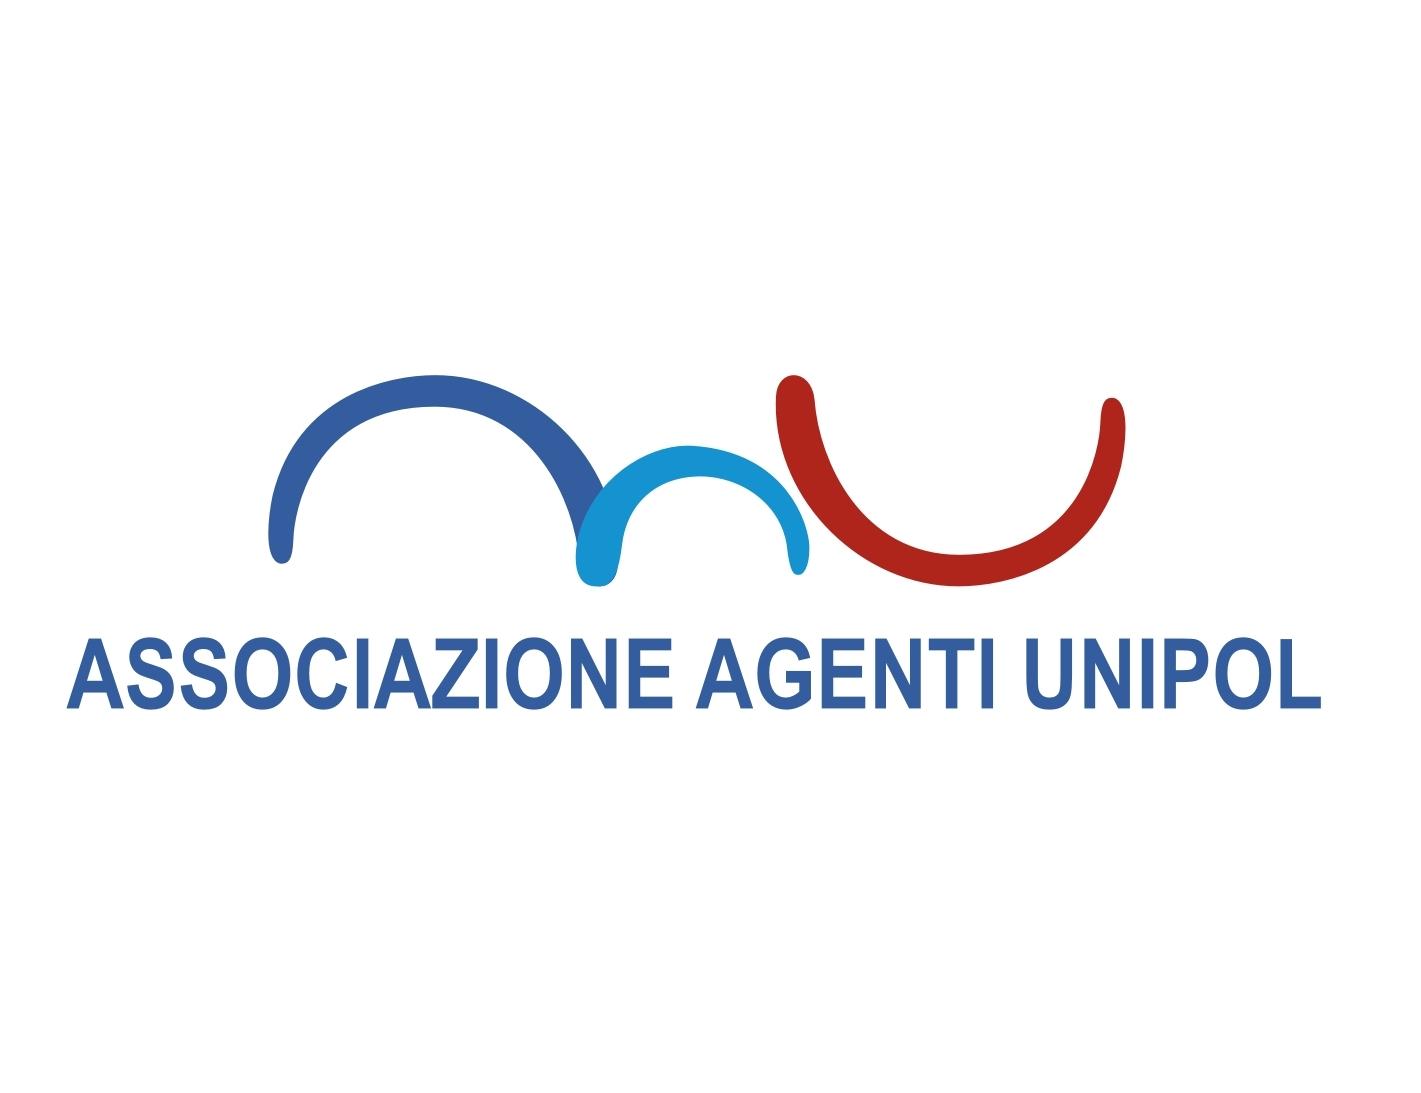 AAU - Associazione Agenti Unipol HiRes (2)